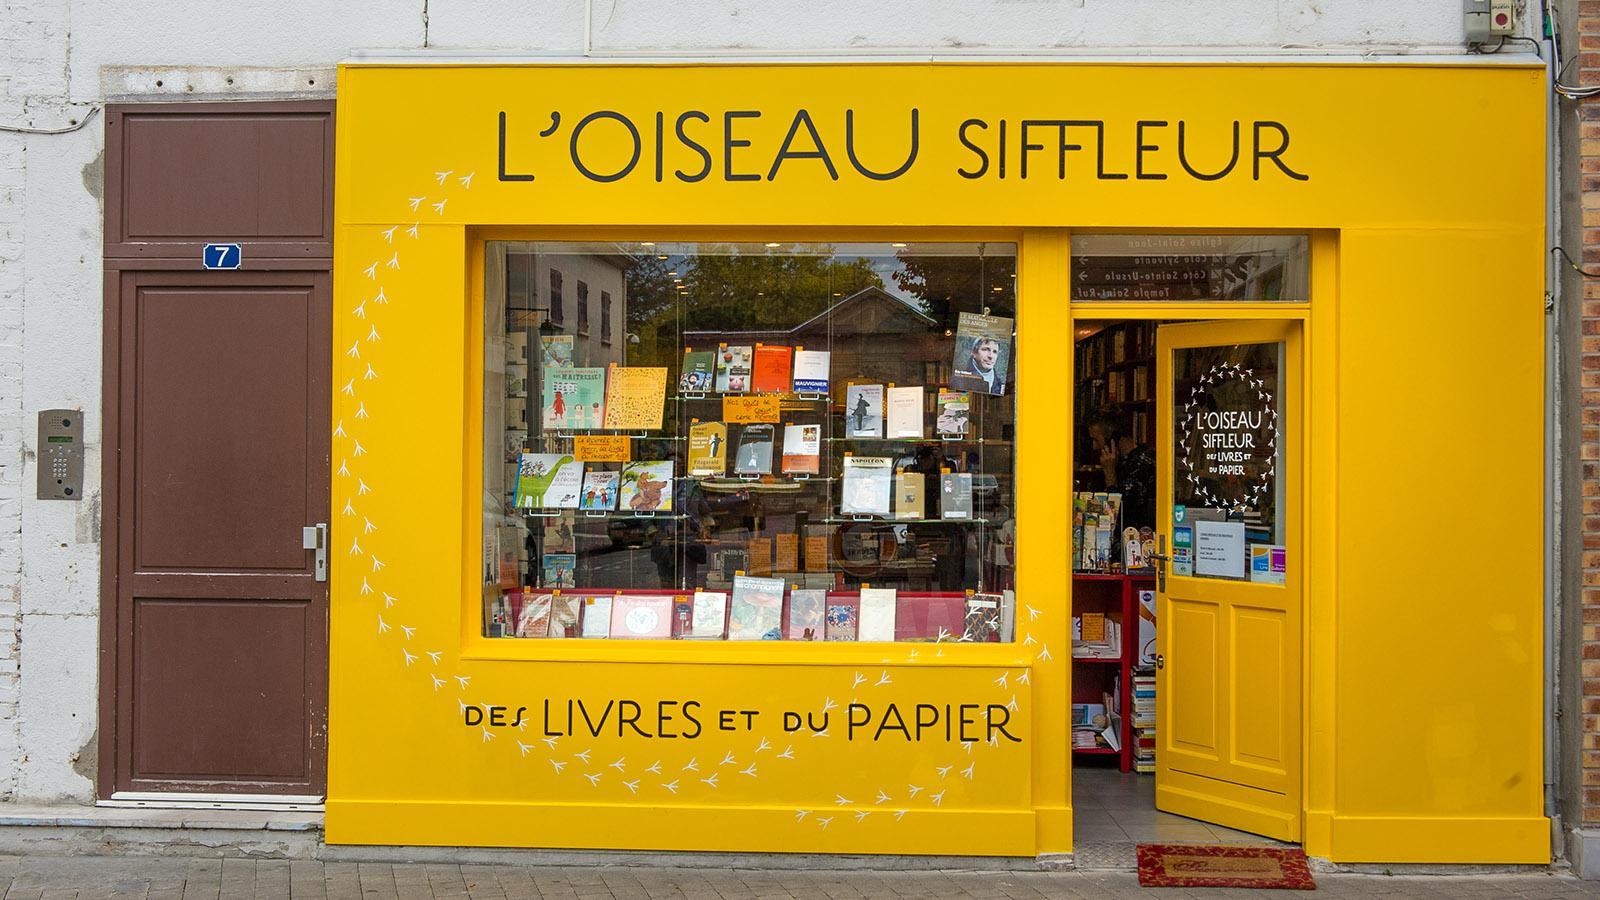 Valence: Bei L'Oiseau Siffleur findet ihr ausgesuchte Bücher und Papierwaren. Foto: HiIlke Maunder